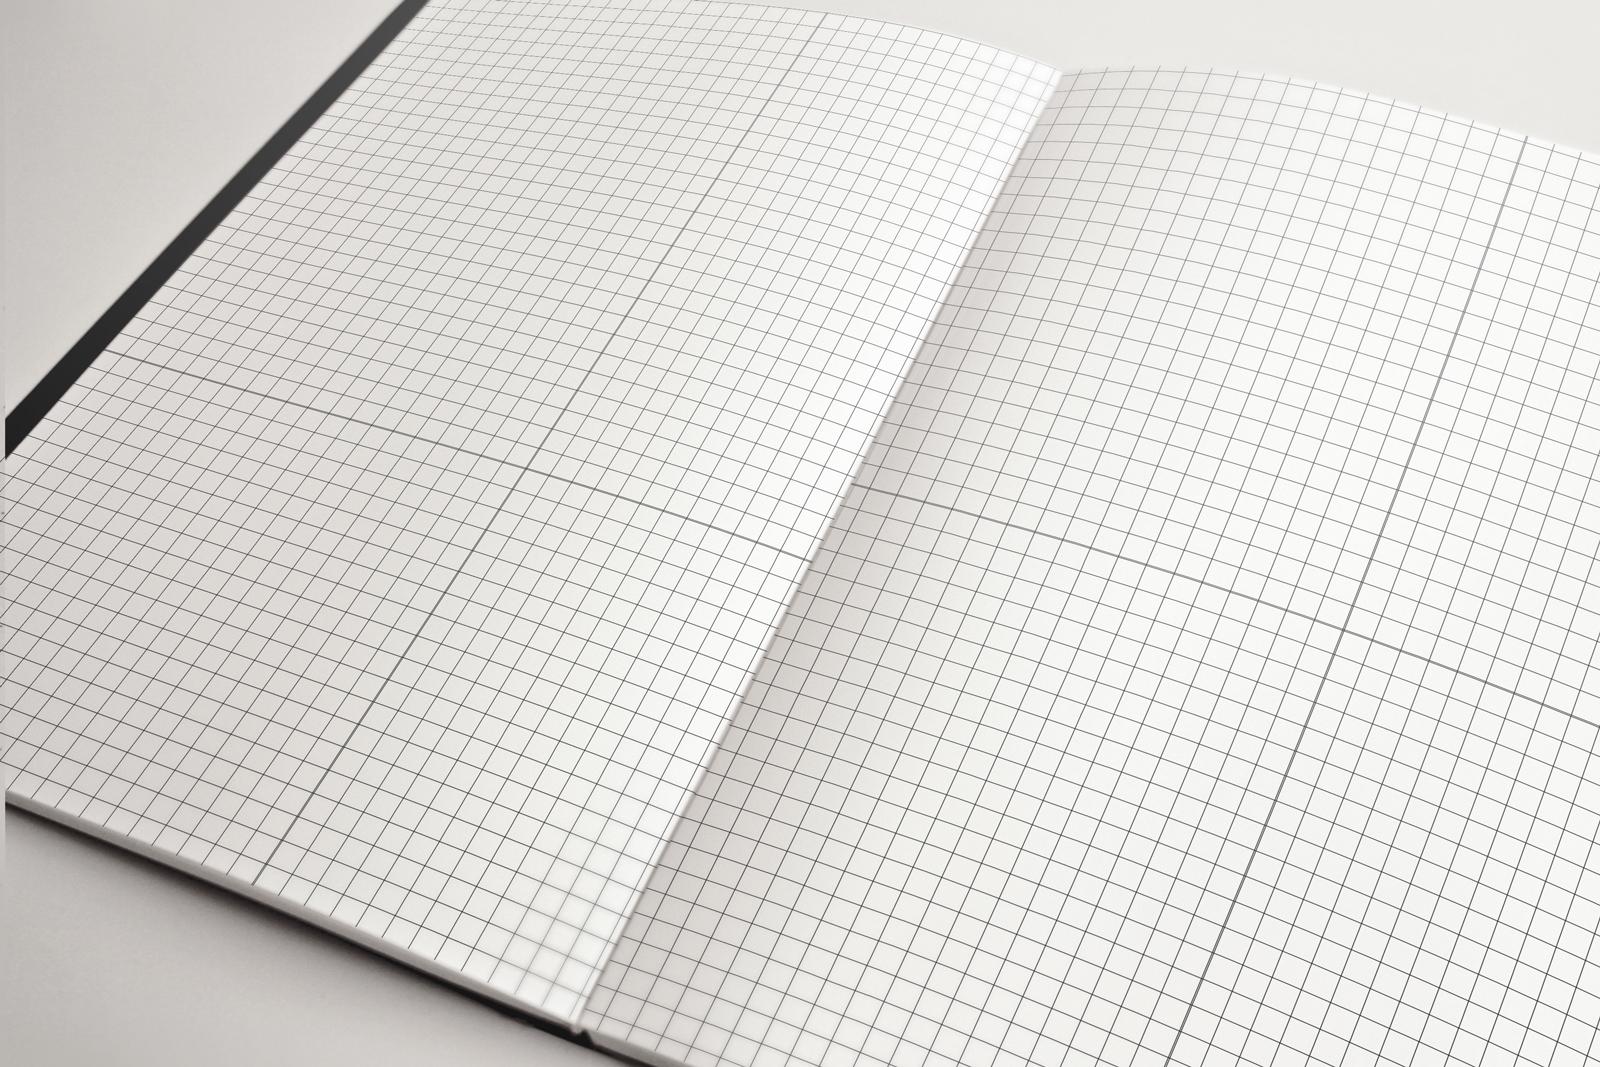 5 SketchBook Mockup NoteBook Mock-up example image 6